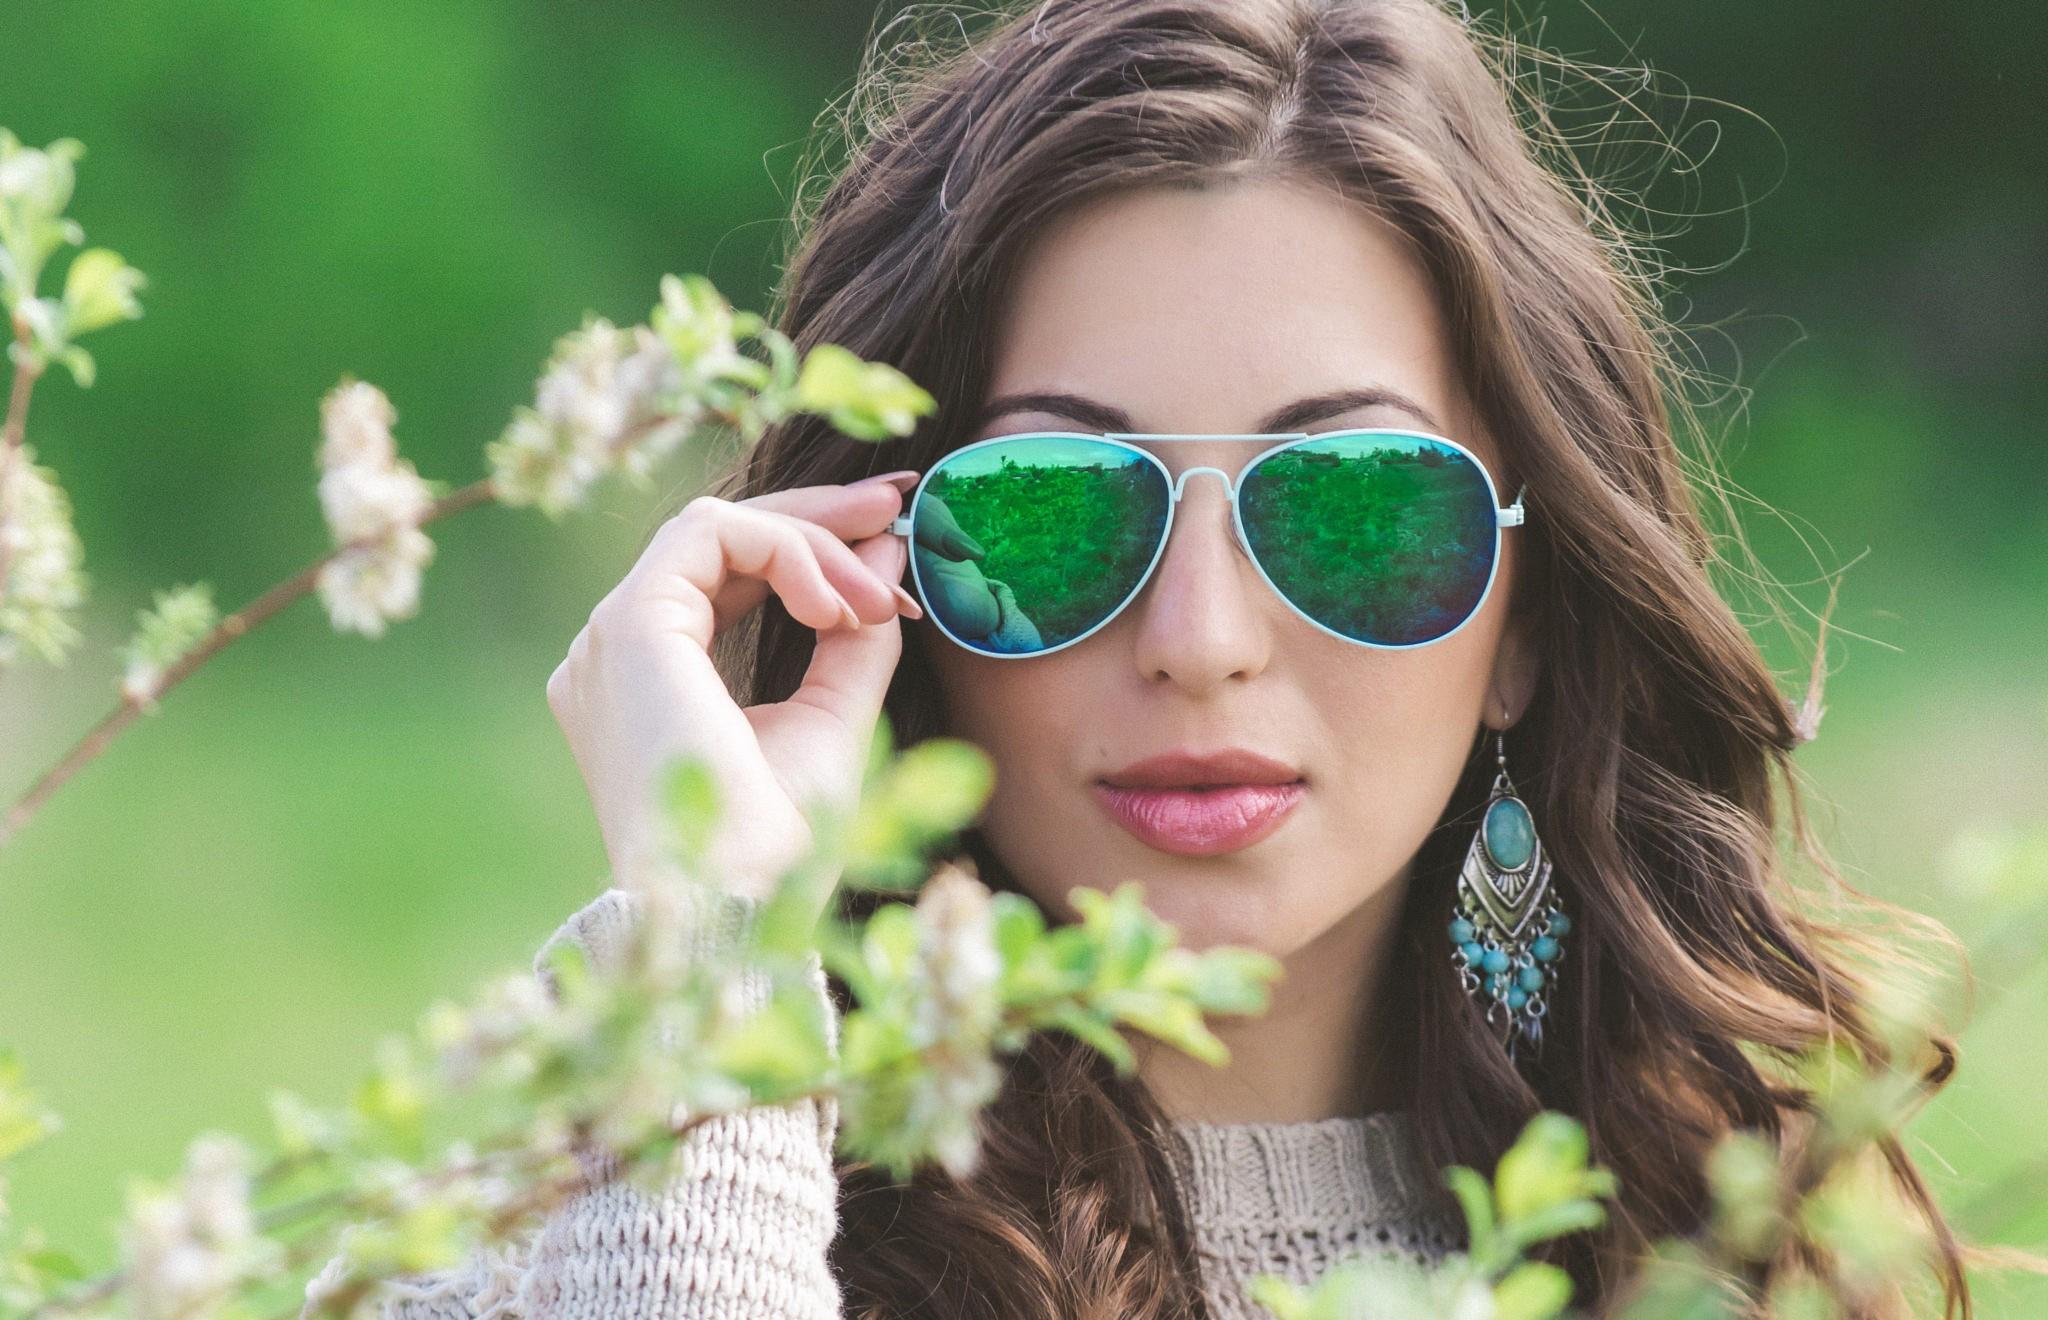 Картинка девушка в солнцезащитных очках